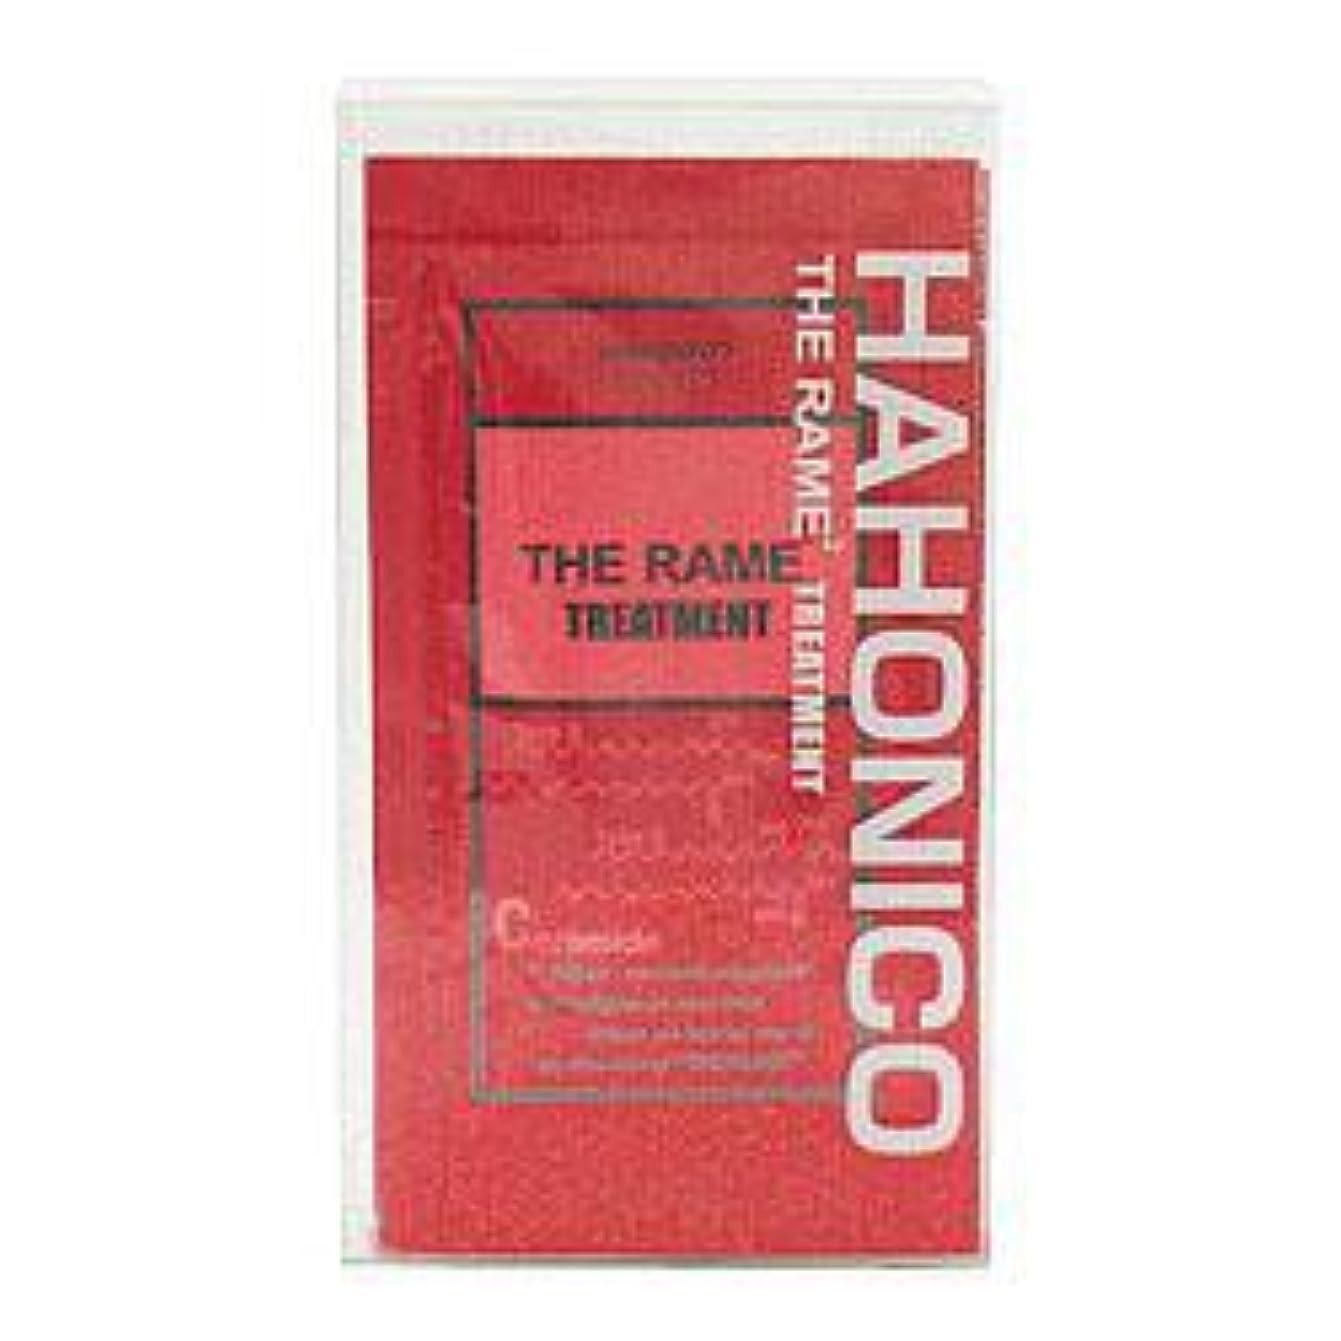 ウォルターカニンガム食料品店多様なハホニコ ハホニコザラメラメ1(反応型トリートメント)10g×5